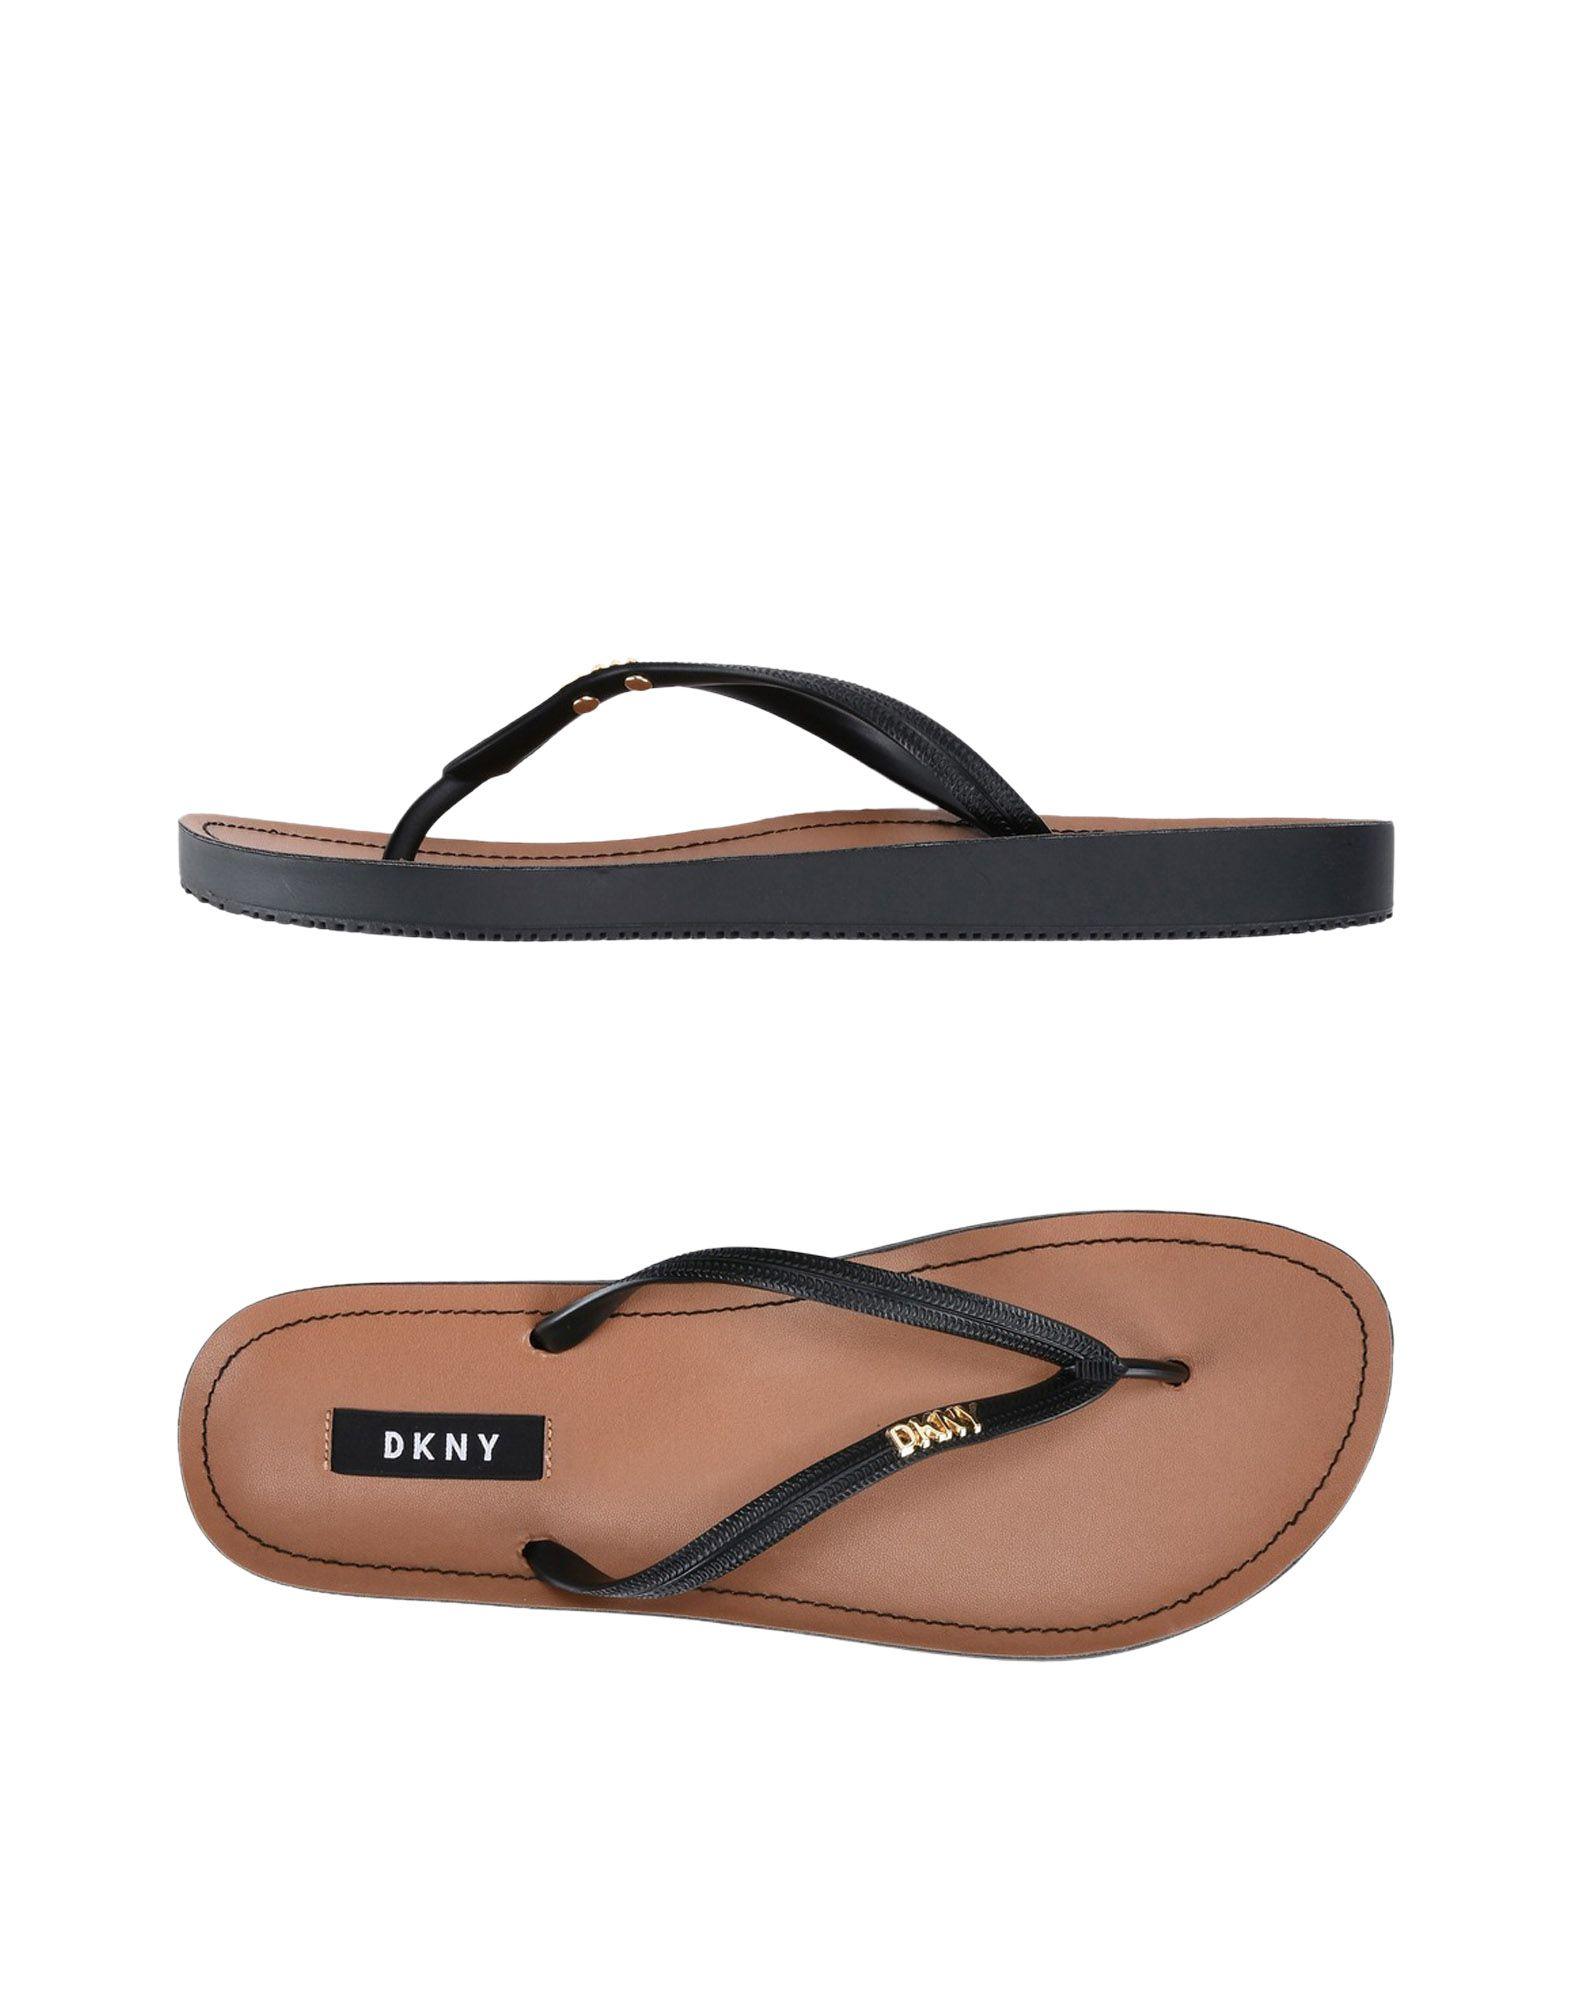 Dkny Gute Dianetten Damen  11459008DP Gute Dkny Qualität beliebte Schuhe e351aa